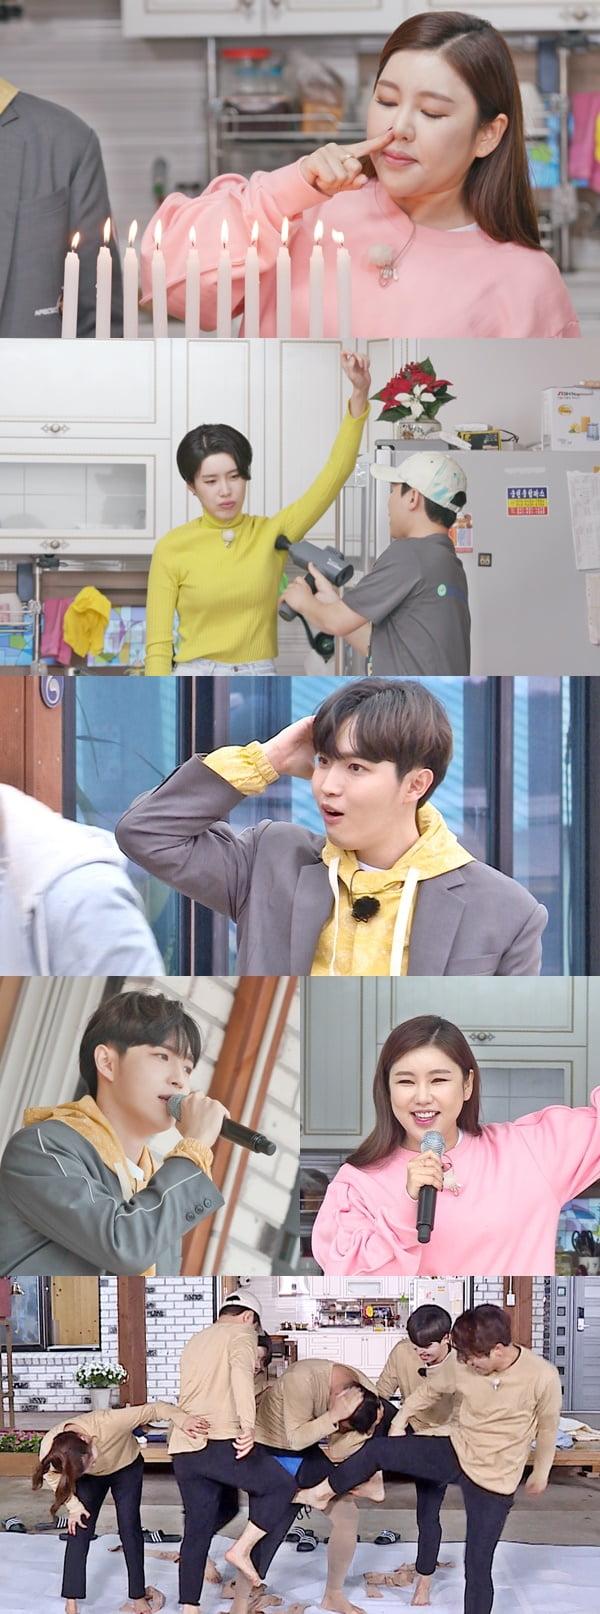 SBS 파일럿 예능 '텔레비전에 그게 나왔으면' 스틸컷. /사진제공=SBS